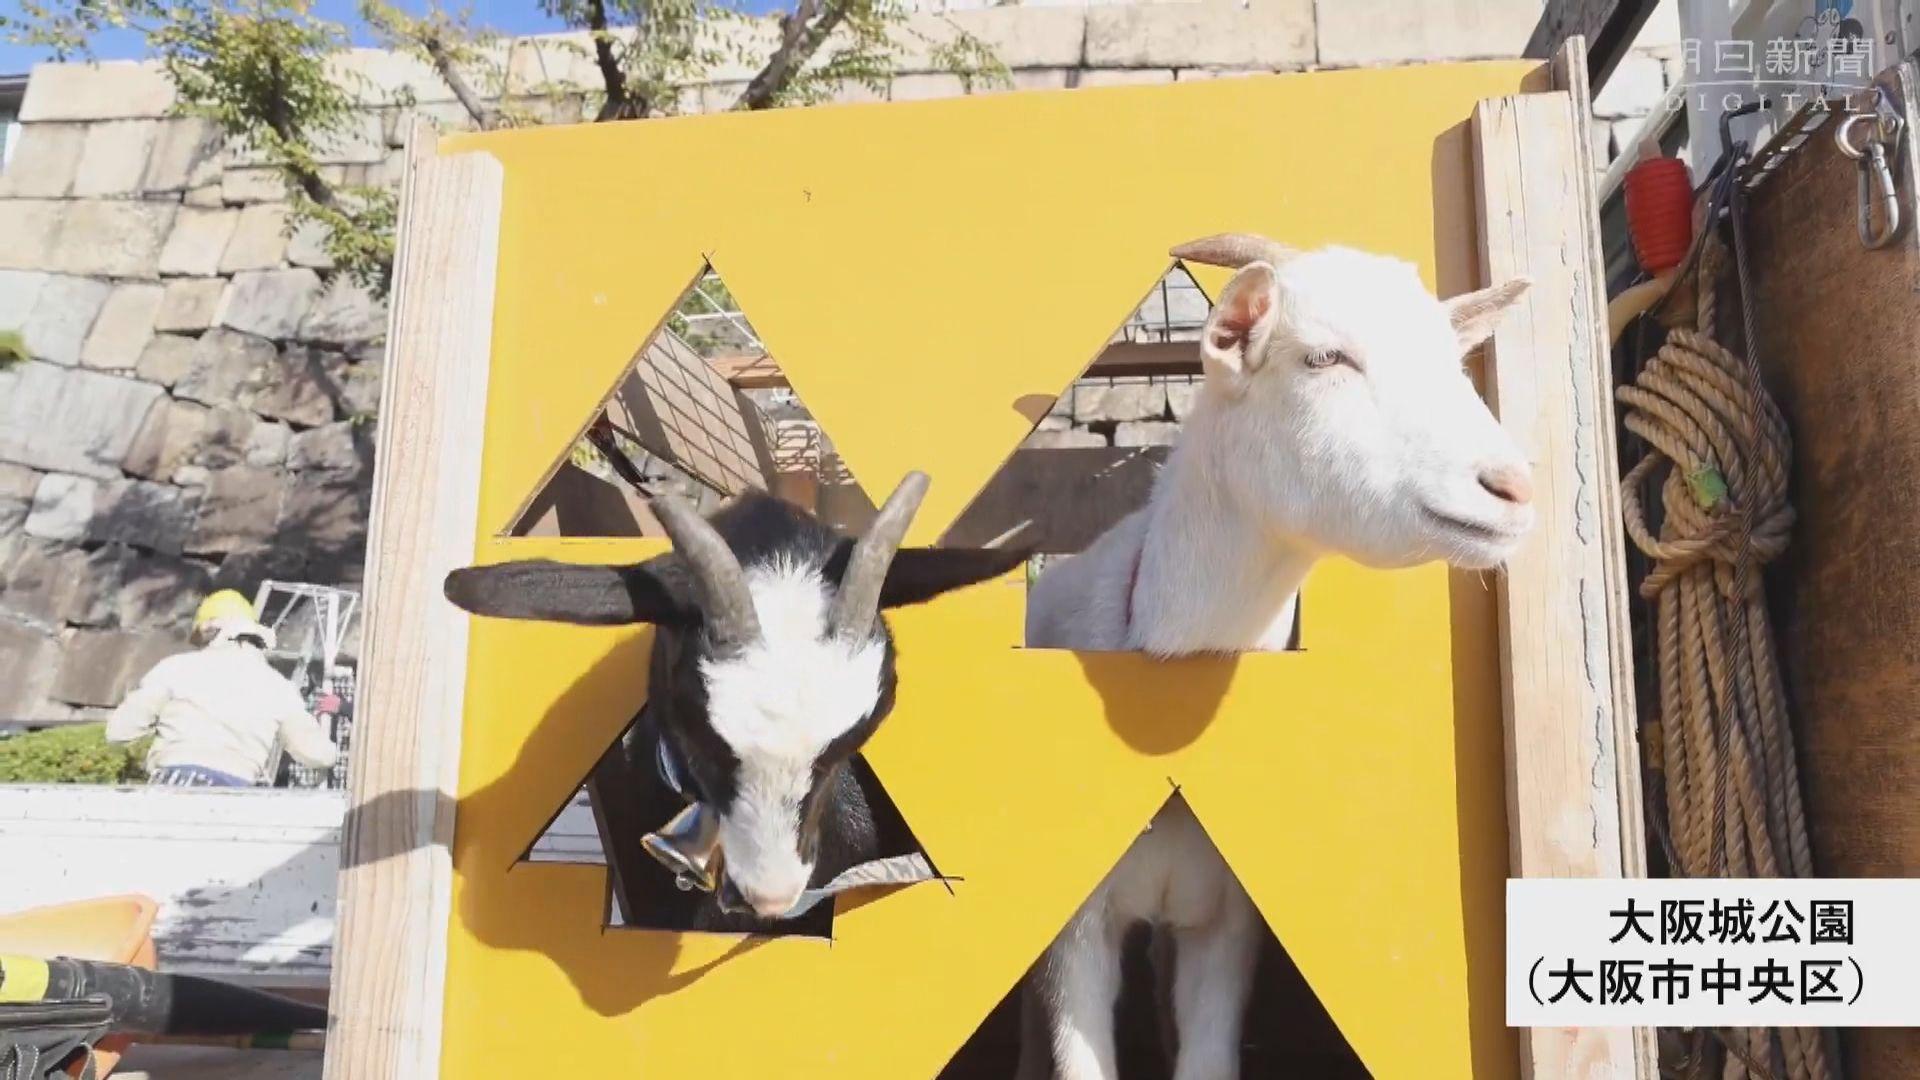 【環球薈報】大阪城公園人氣黑白山羊協助除草